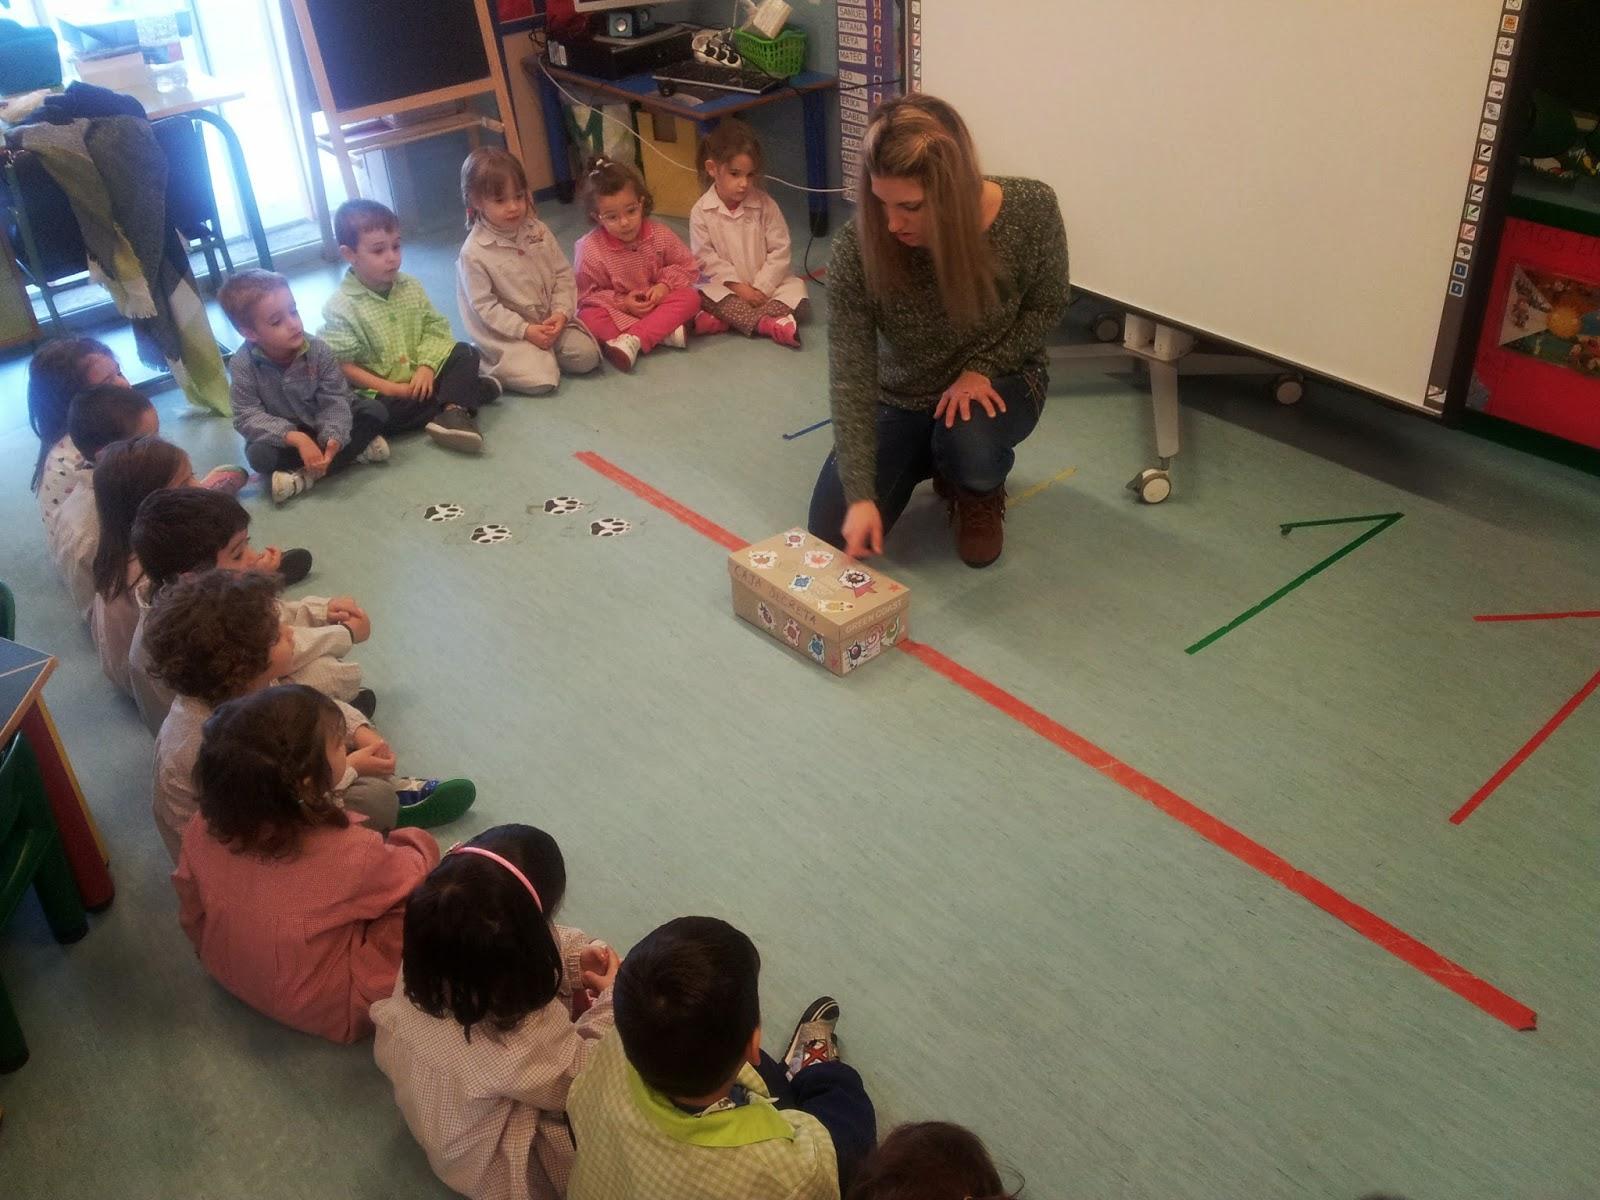 Los infantilistos un monstruo en nuestra clase for En nuestra clase